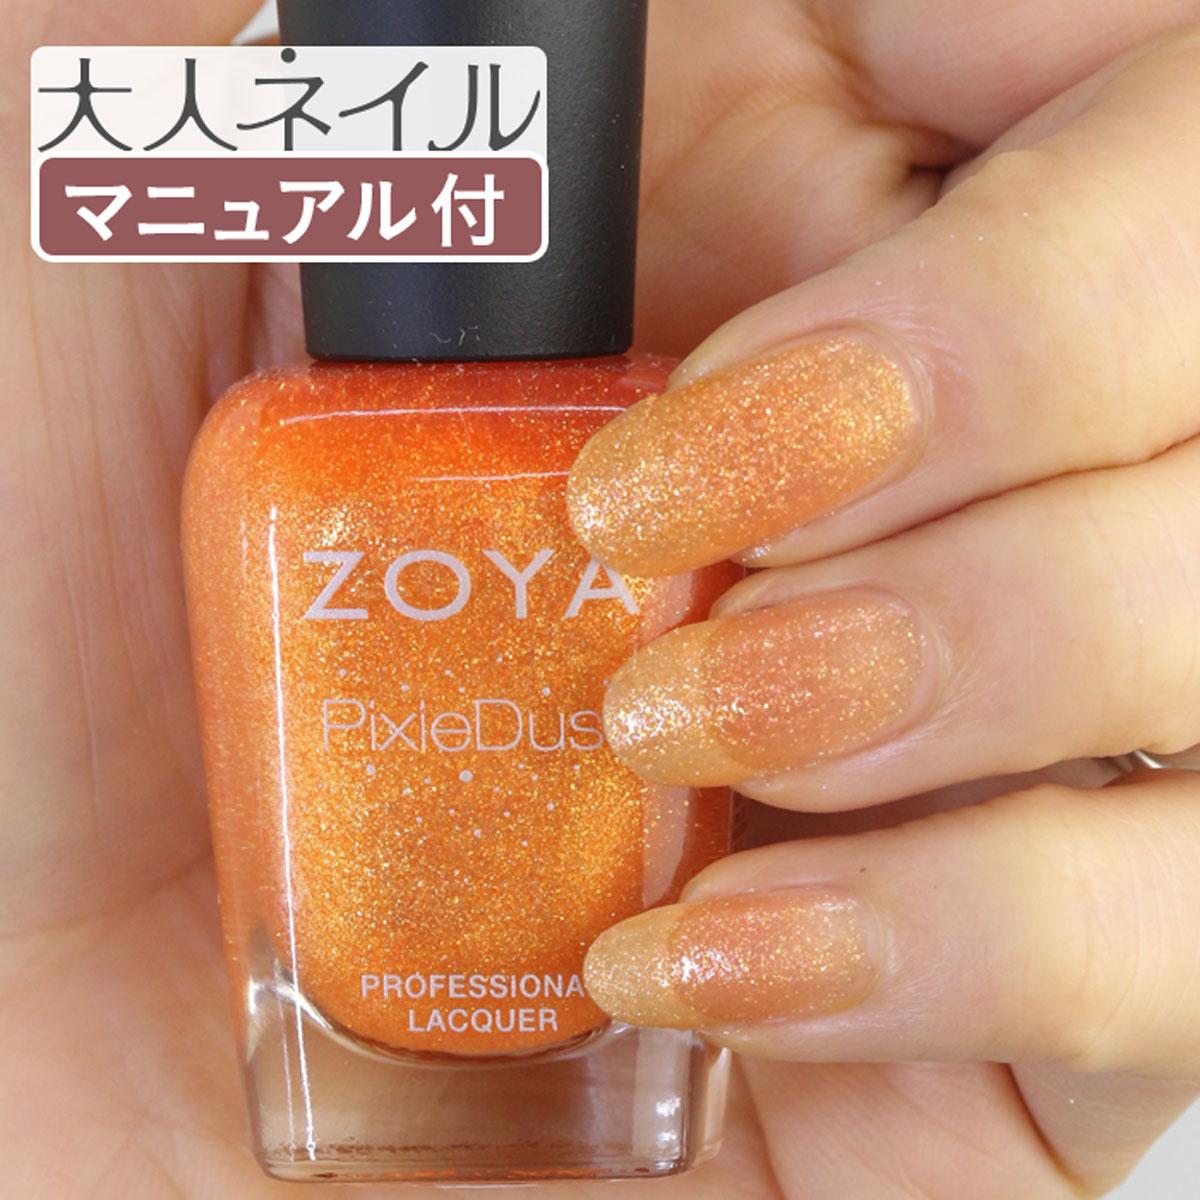 ZOYA ゾーヤ ゾヤ ネイルカラー ZP677 15mL BEATRIX(PixieDust) ビュートリクス 自爪 の為に作られた ネイル にやさしい 自然派 マニキュア zoya セルフネイル にもおすすめ オレンジ タンジェリン ラメ グリッター 人気色 トップ10